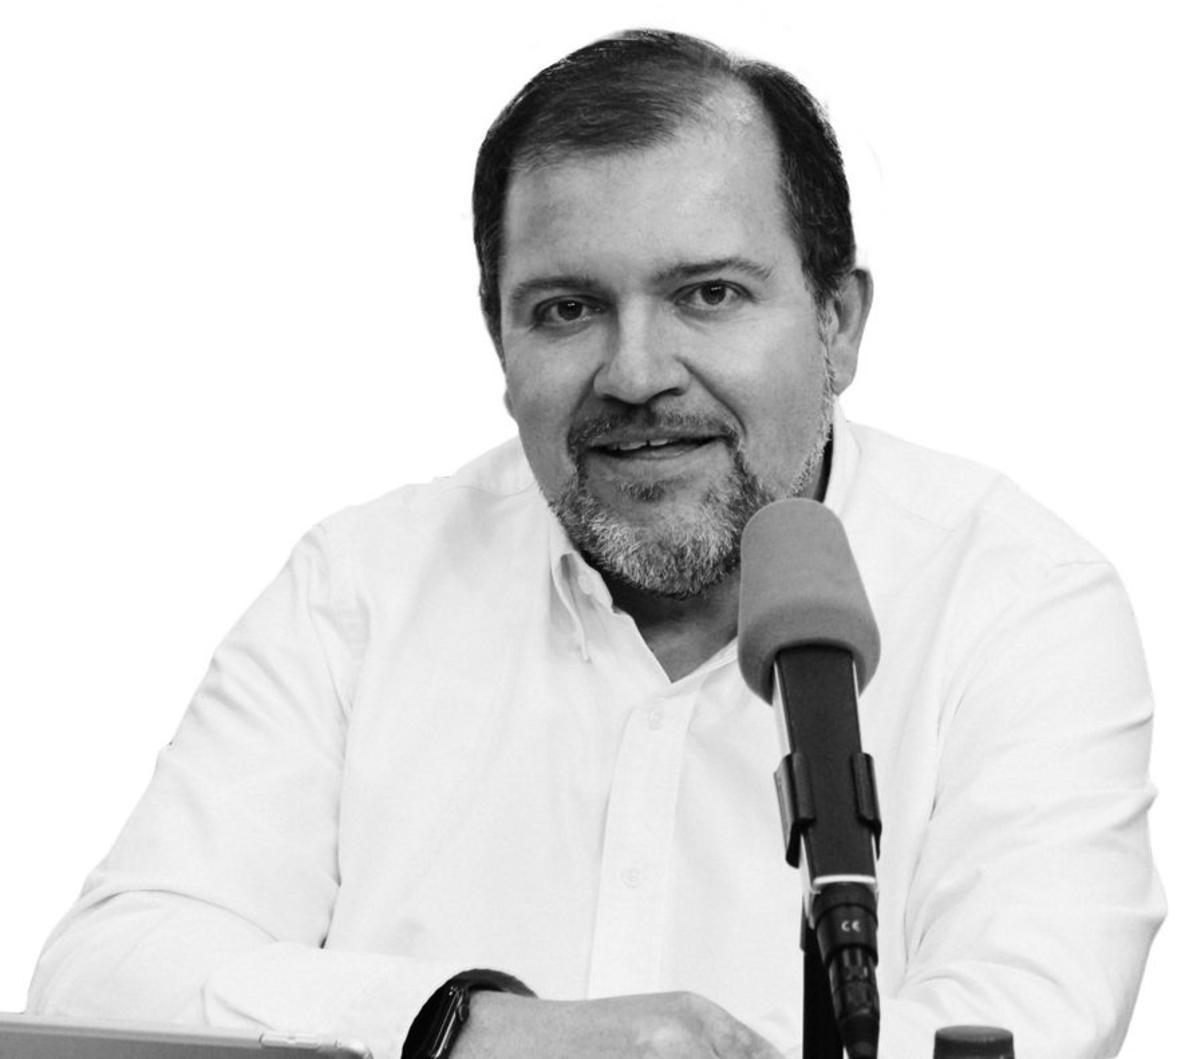 Juan Manuel López Zafra es Doctor en economía y autor del libroAlquimia. ¿Cómo los datos se están transformando en oro?